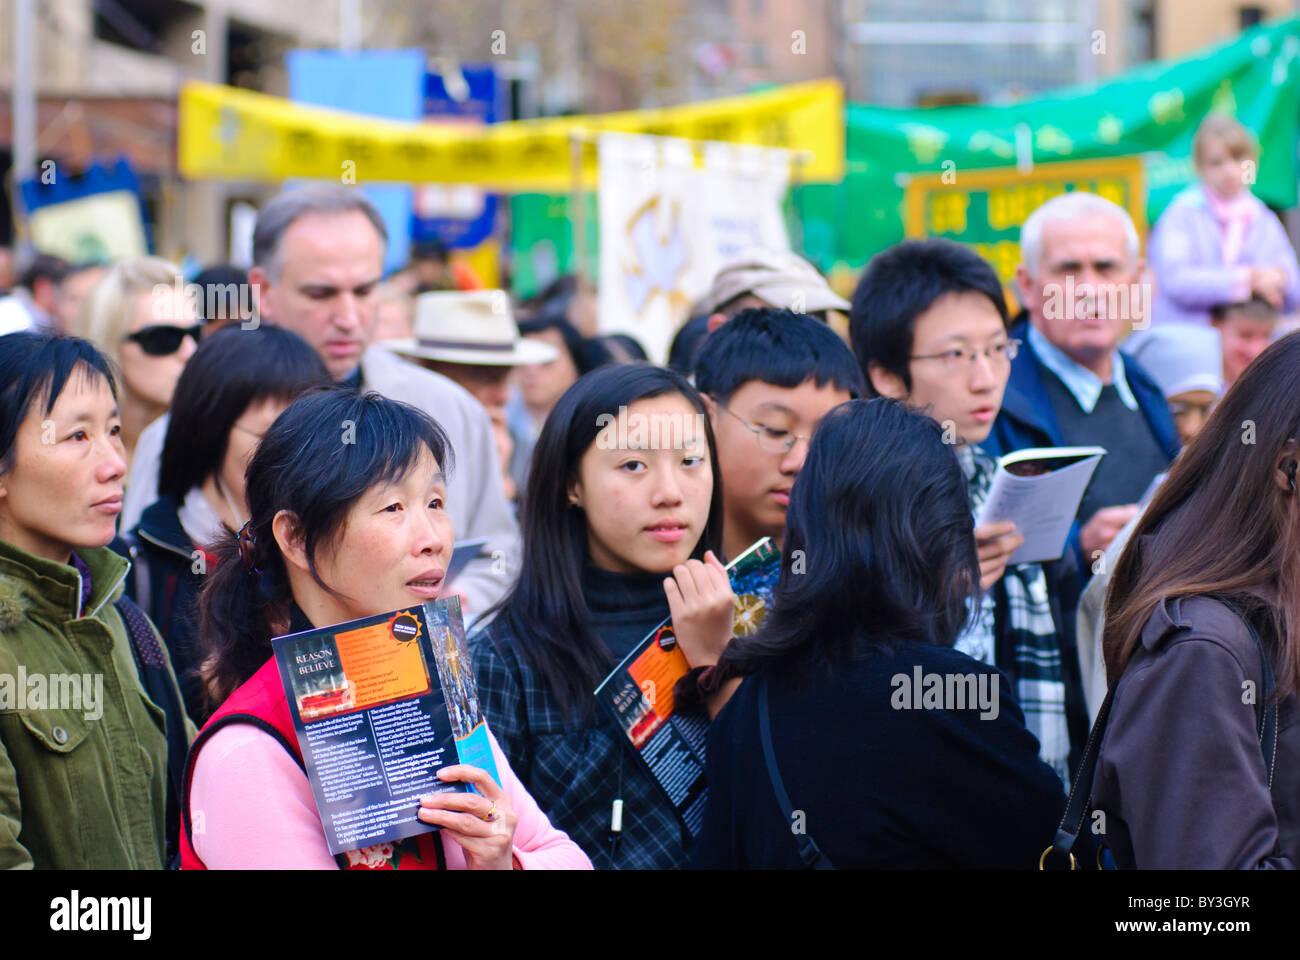 Processione cattolica attraverso le strade delle città. I migranti provenienti da molte culture sono tra le Immagini Stock